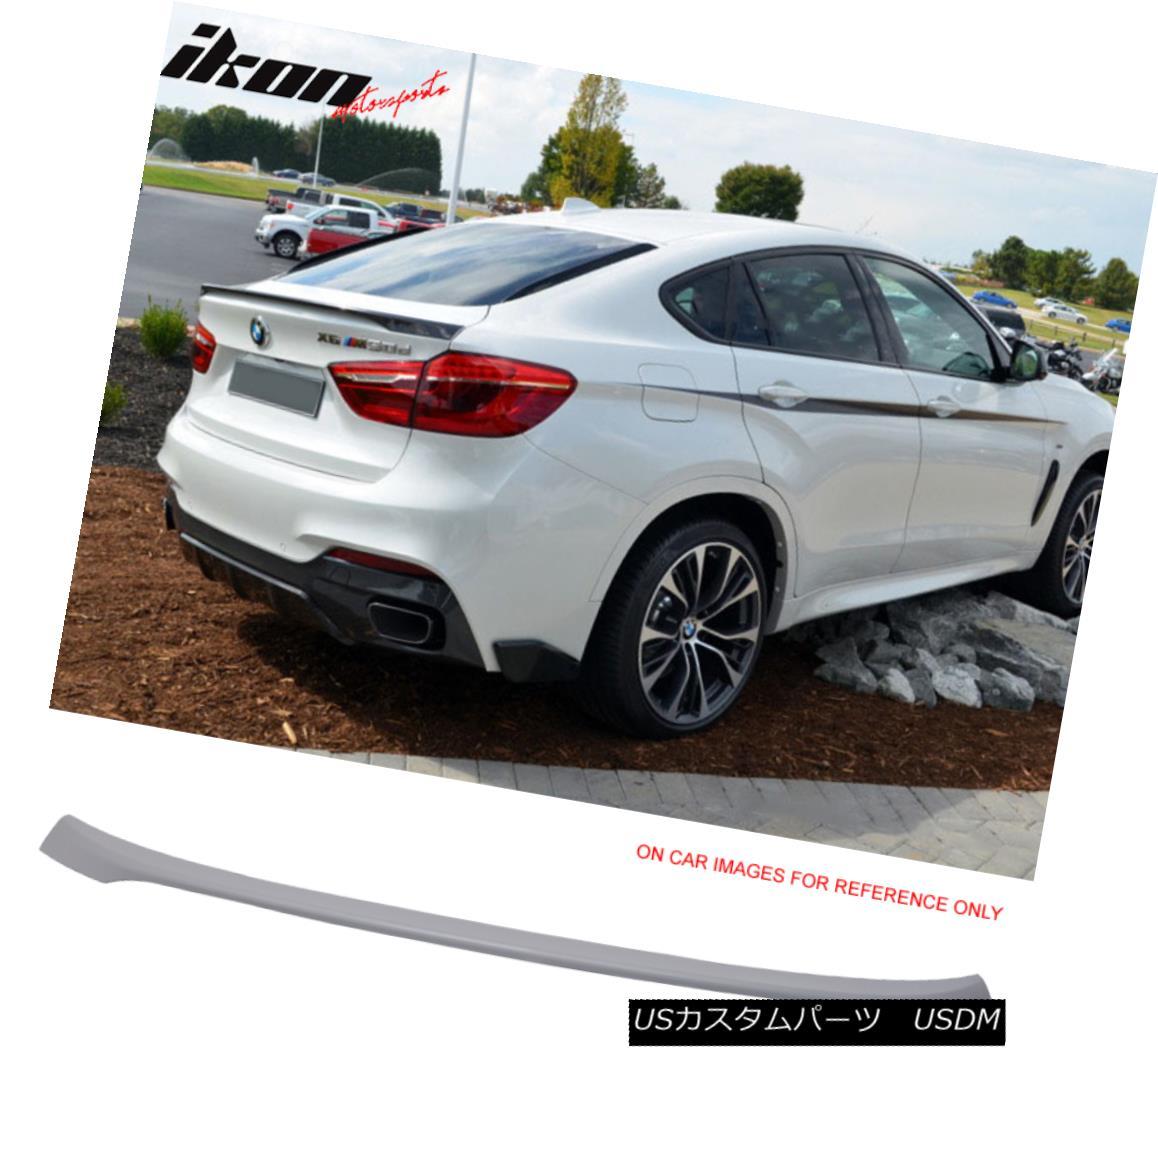 エアロパーツ Fits 16-17 BMW F16 X6 F86 X6M Performance Style Trunk Spoiler Wing Unpainted ABS フィット16-17 BMW F16 X6 F86 X6Mパフォーマンススタイルトランクスポイラーウイング未塗装ABS